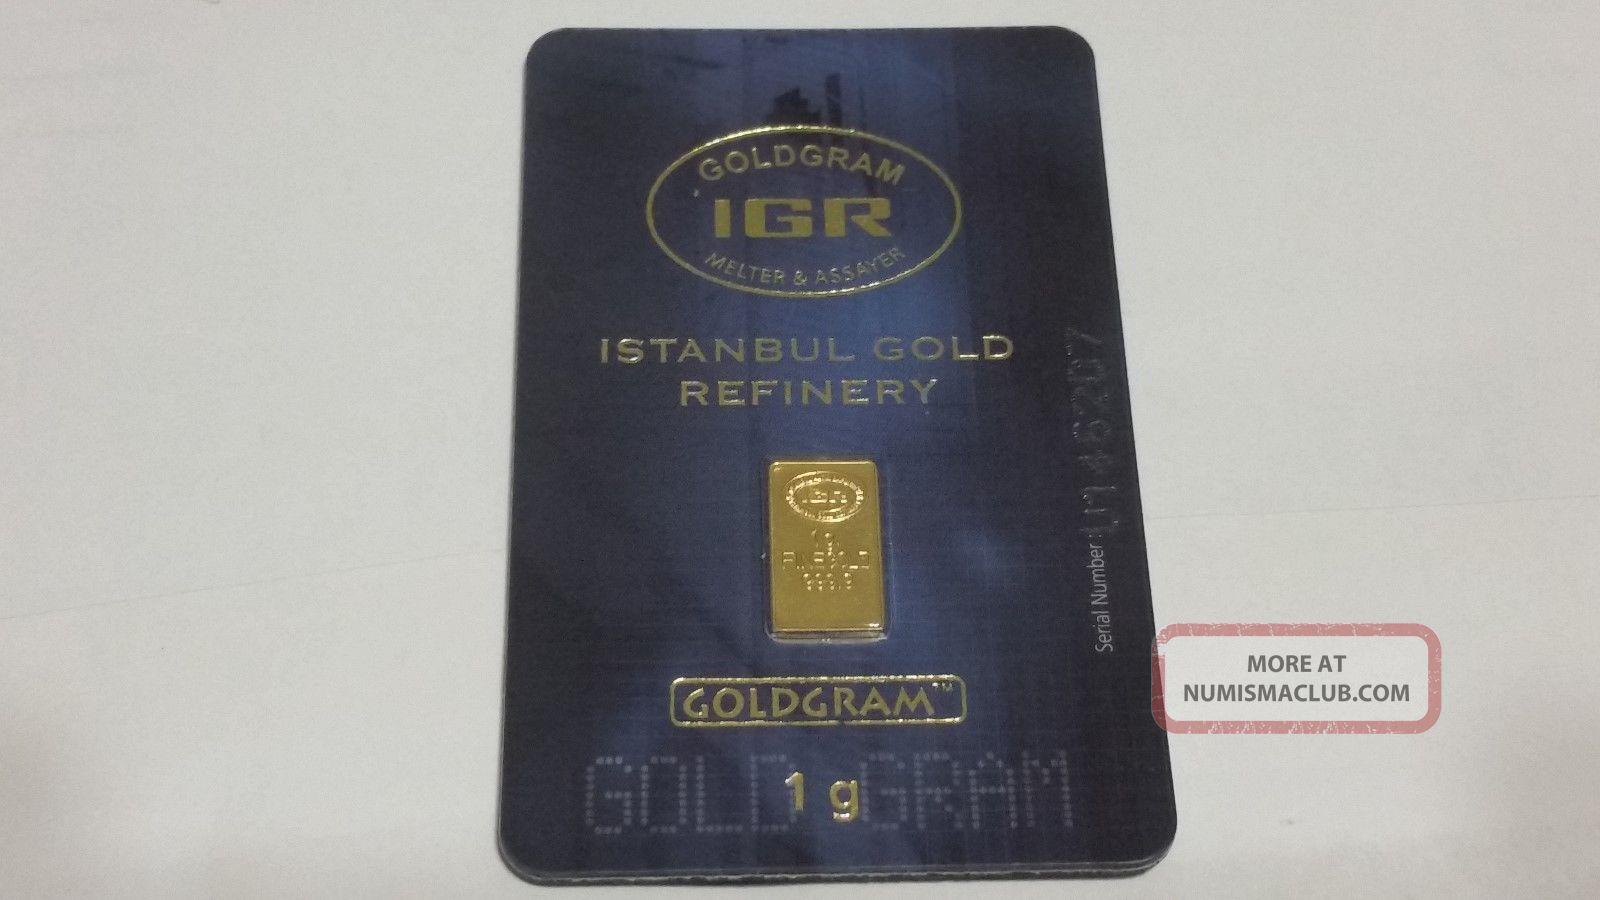 1 Gram 999.  9 24k Gold Bar In Assay - Igr Istanbul Refinery.  9999 Bullion Bars & Rounds photo